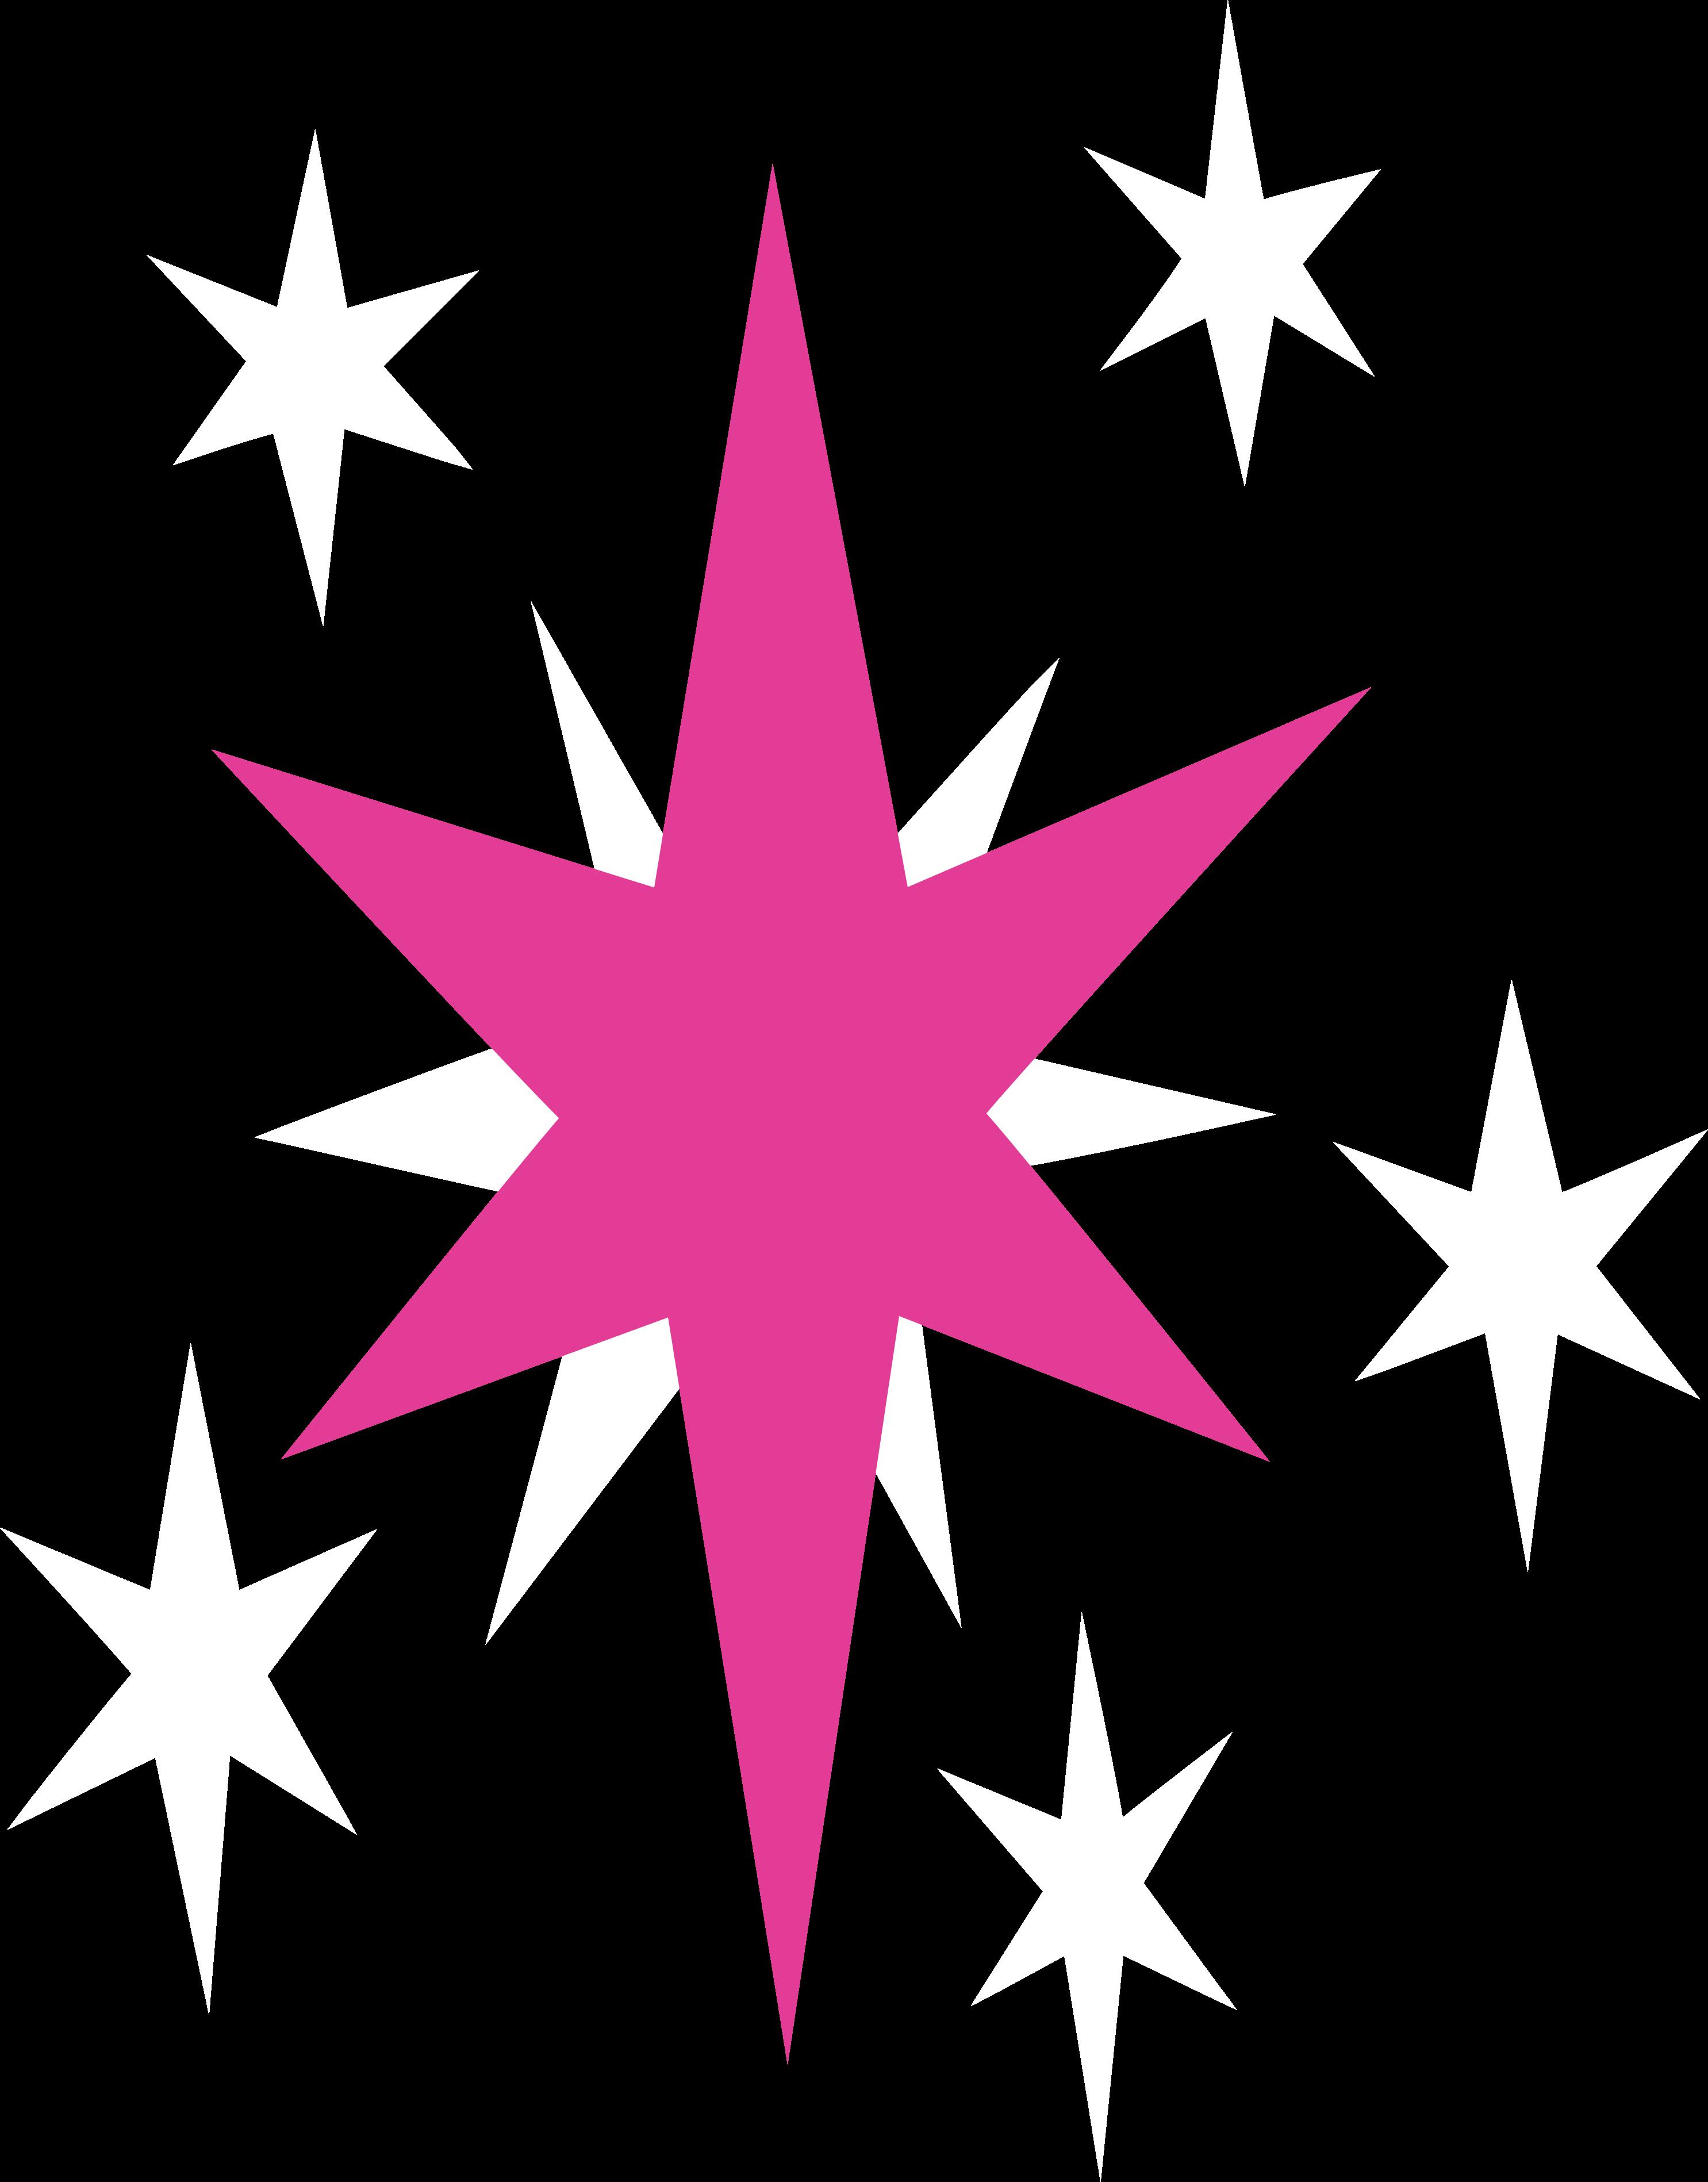 ... Sparkle Clipart | Free Download Clip-... Sparkle Clipart | Free Download Clip Art | Free Clip Art | on .-12